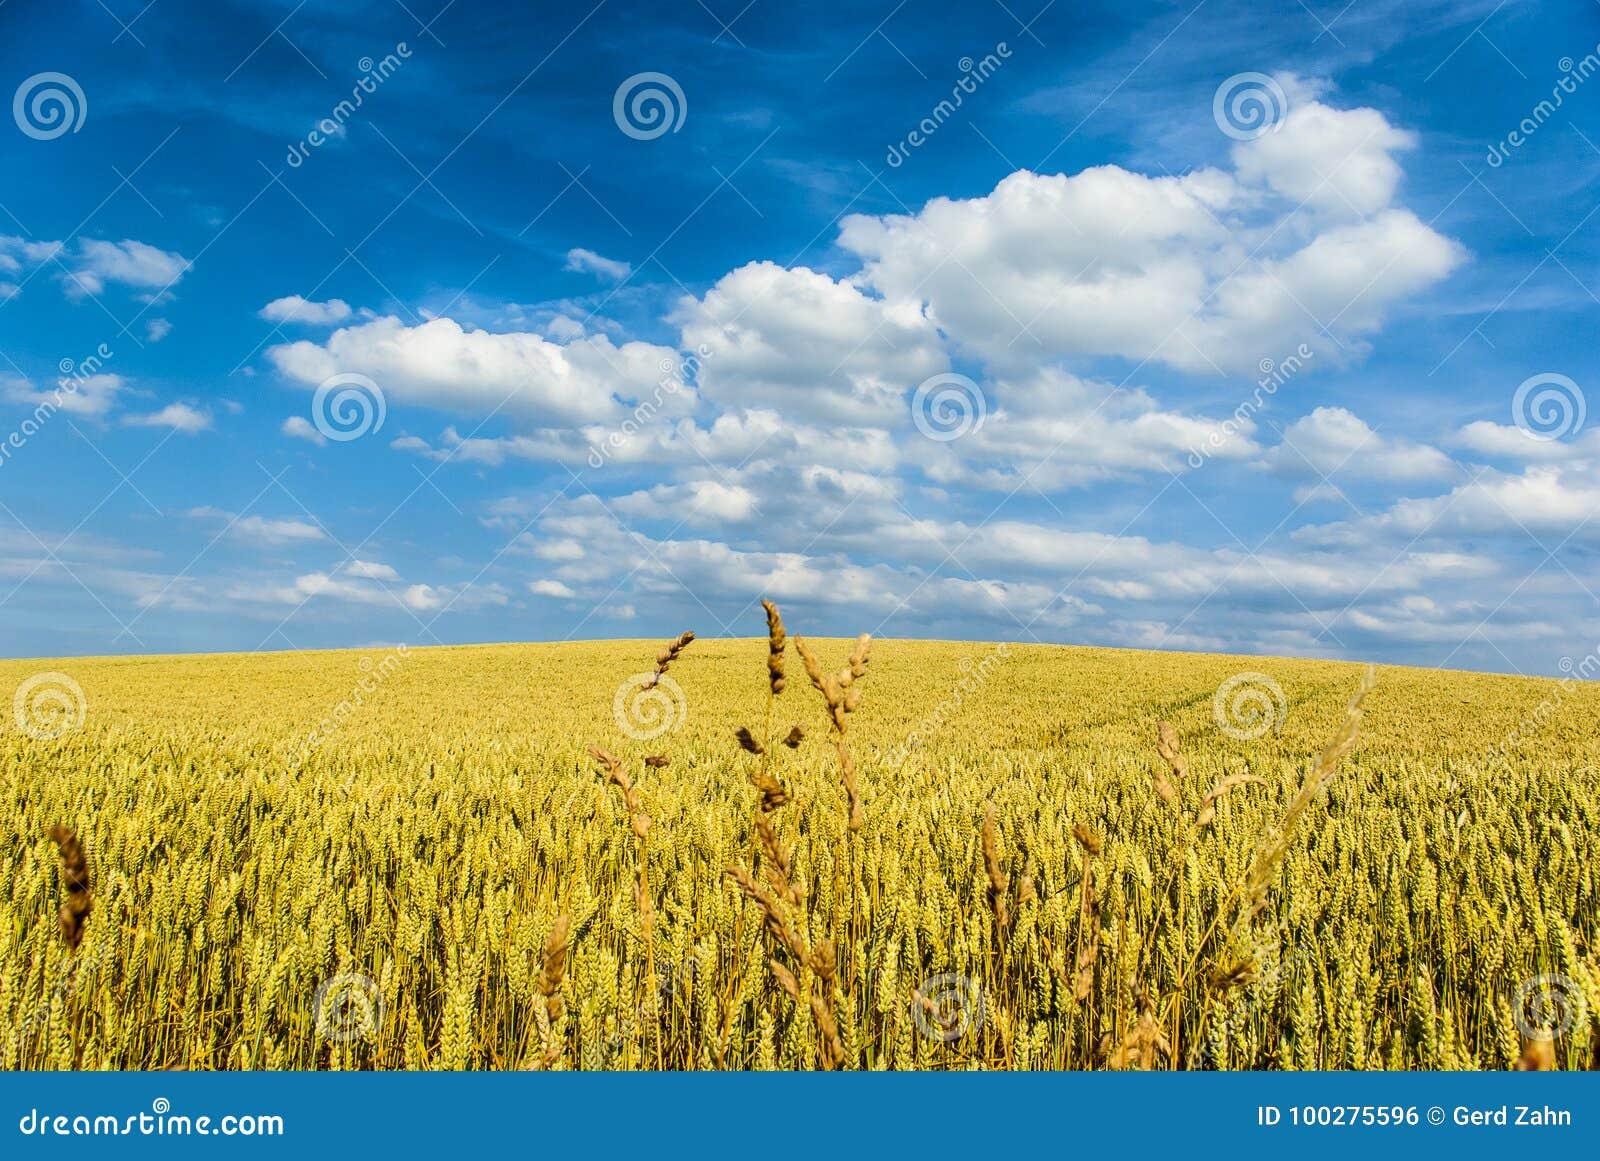 Tarwegebied met blauwe hemel en witte wolken in de voorgrond in het midden van sommige grote stelen, Weizenfeld mit blauem Himmel